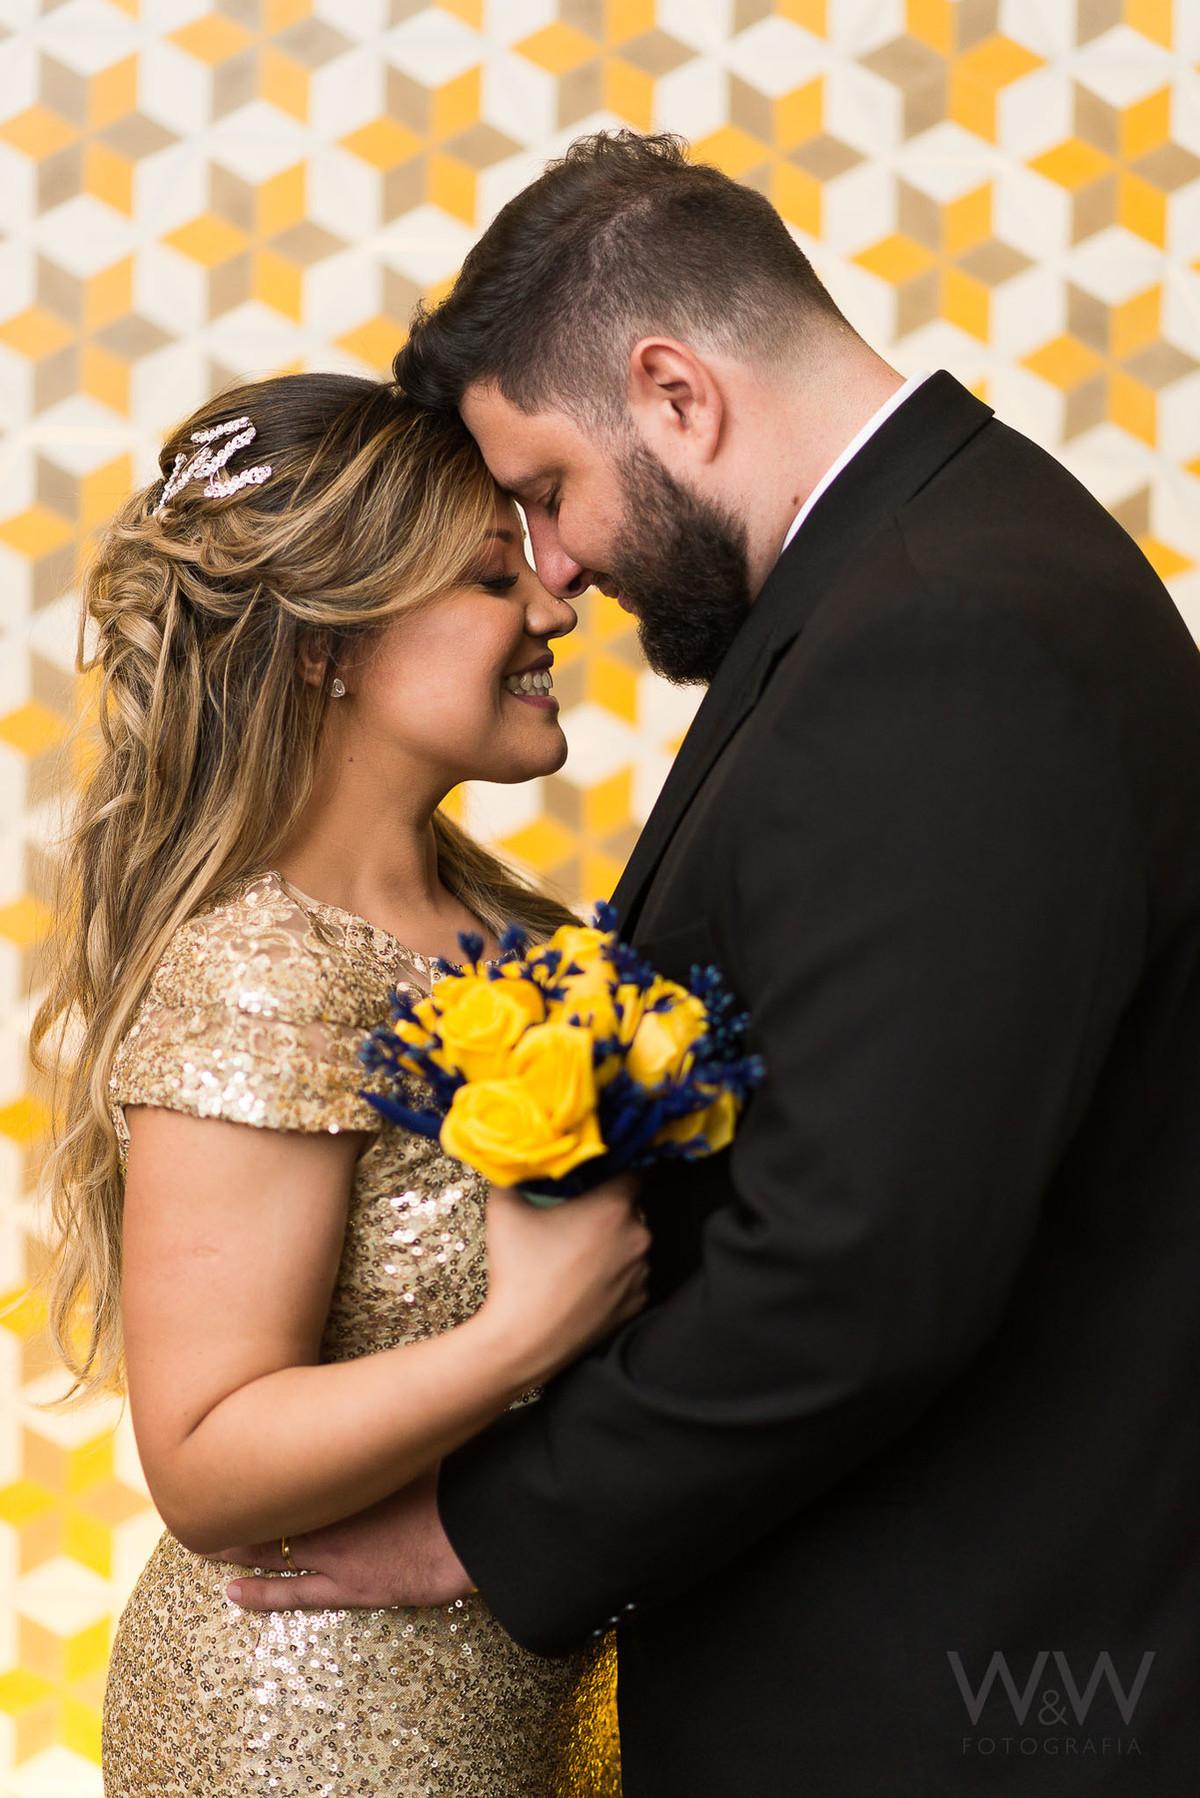 casamento amanda aroldo lugar166 tarsila palma assessoria wewfotografia